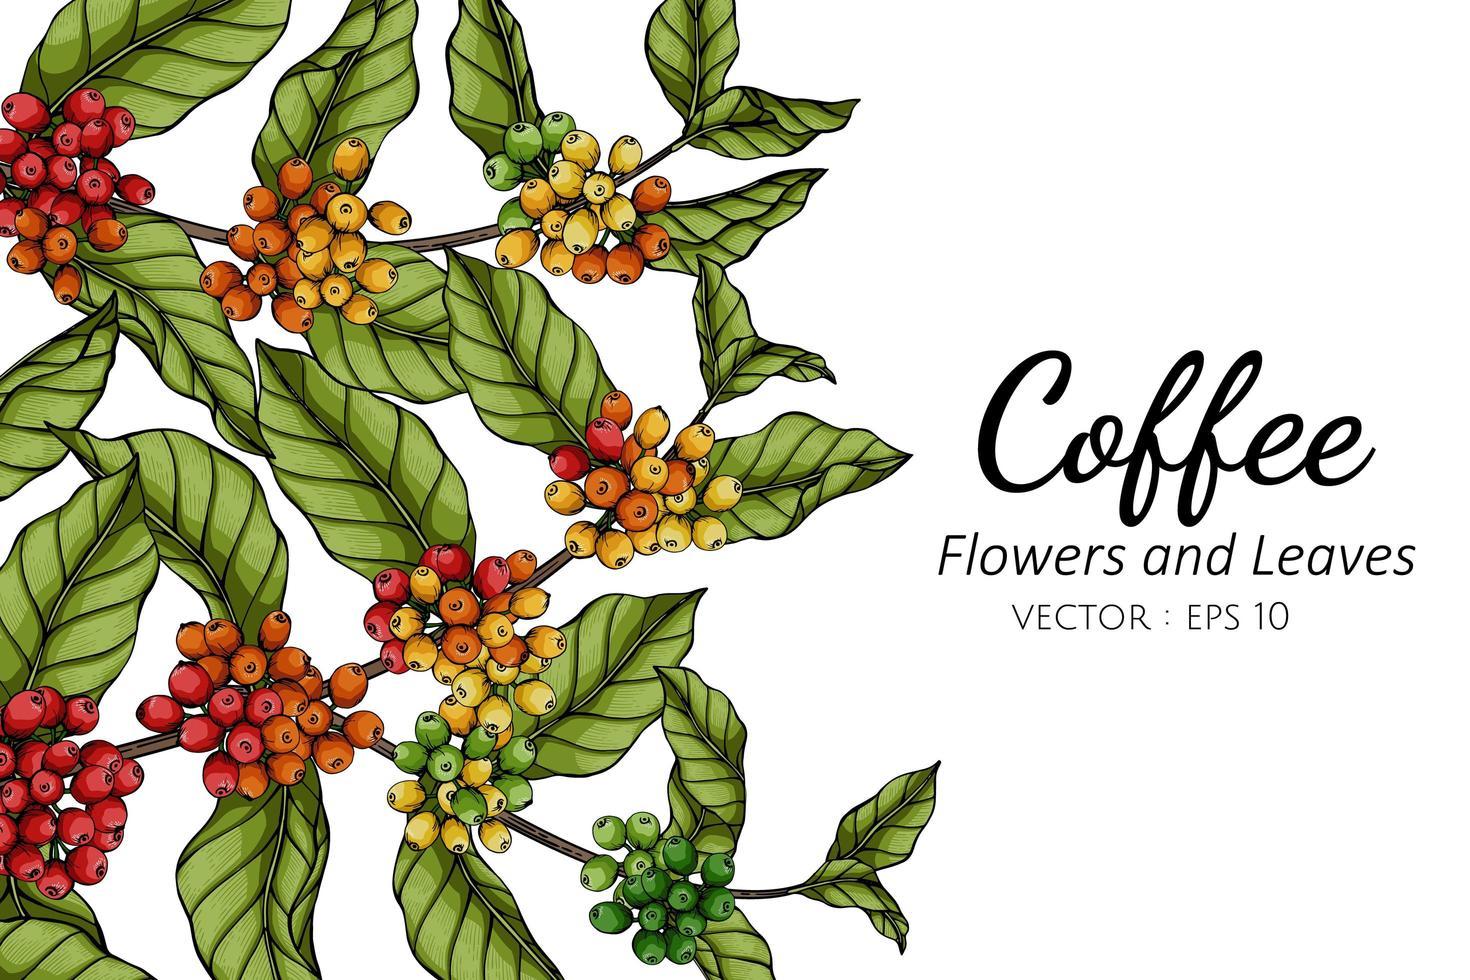 dibujo de flores y hojas de café vector